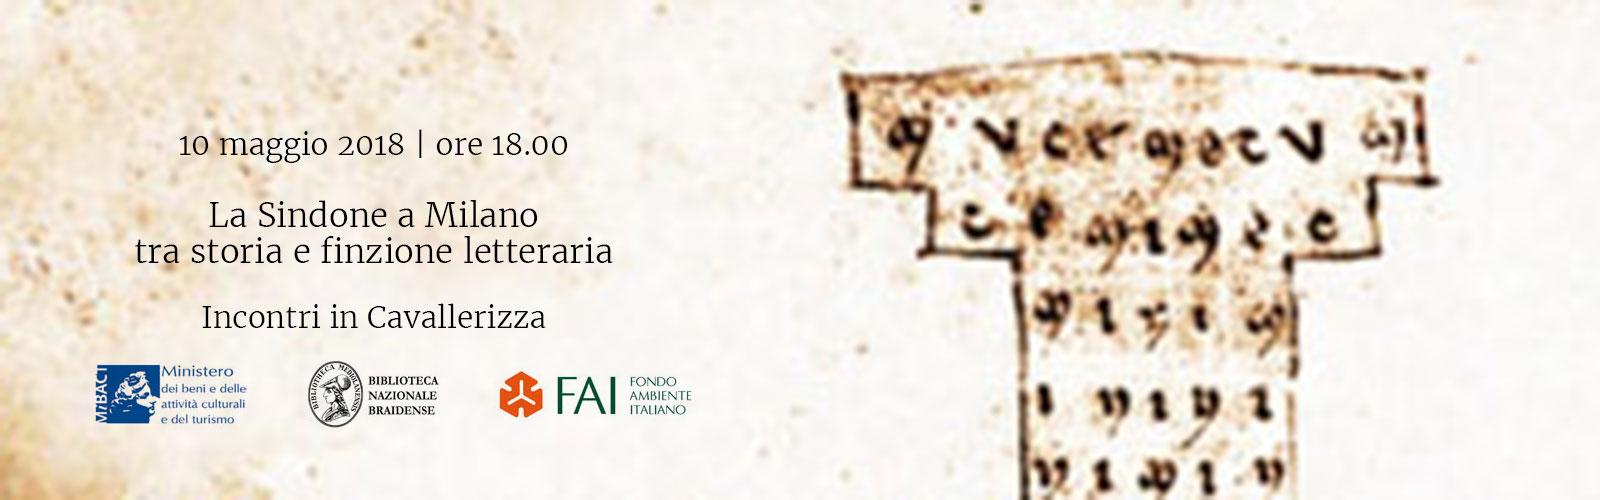 La Sindone a Milano tra storia e finzione letteraria